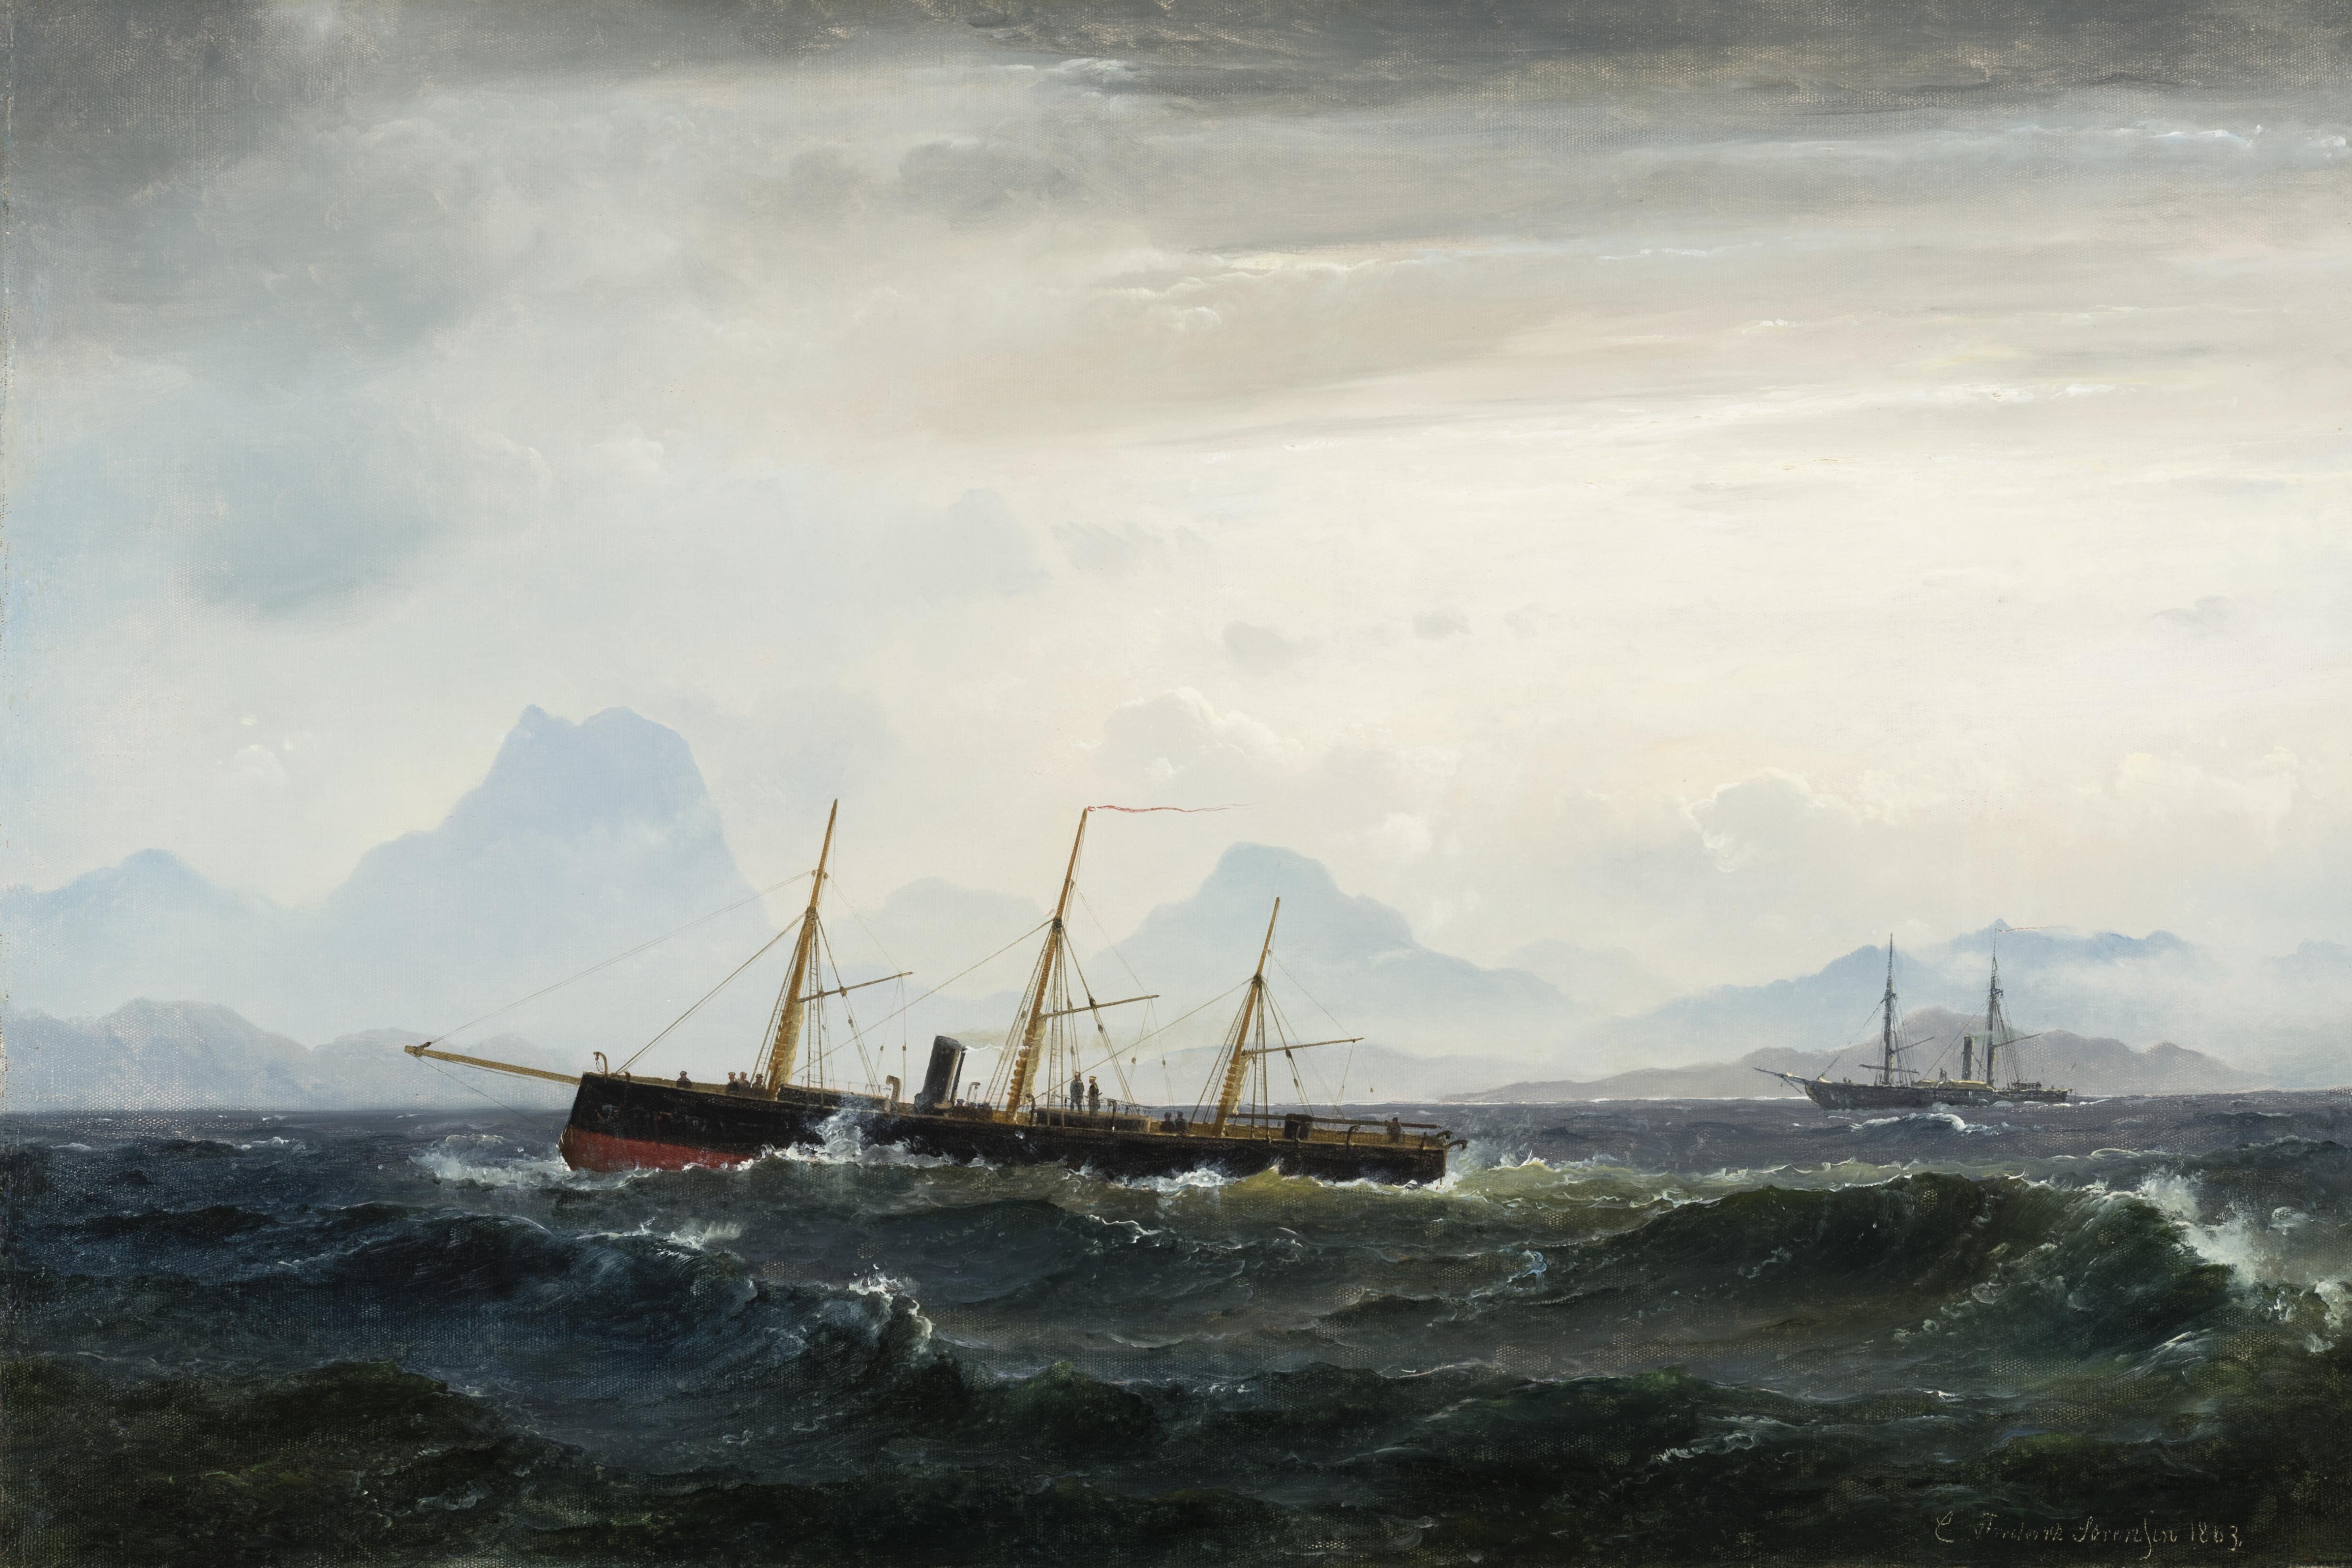 Carl Frederik Sörensen, Seestück mit Dampf- und Segelbooten © © Staatliche Schlösser, Gärten und Kunstsammlungen Mecklenburg-Vorpommern Foto K. Beutel